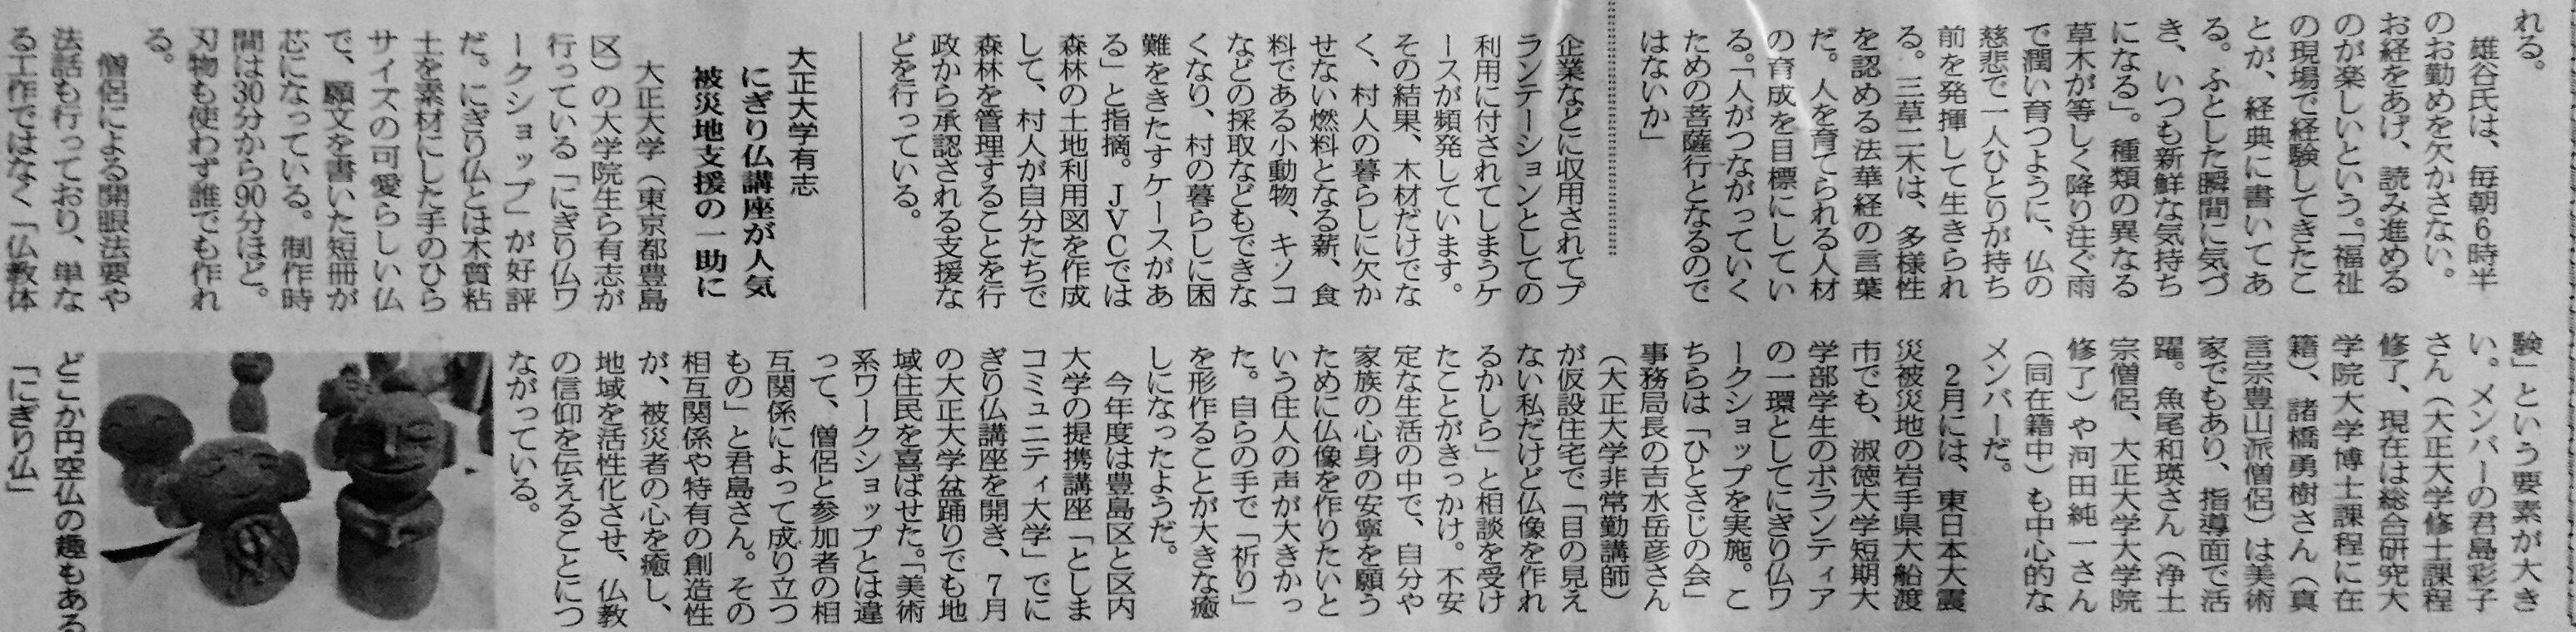 仏教タイムス